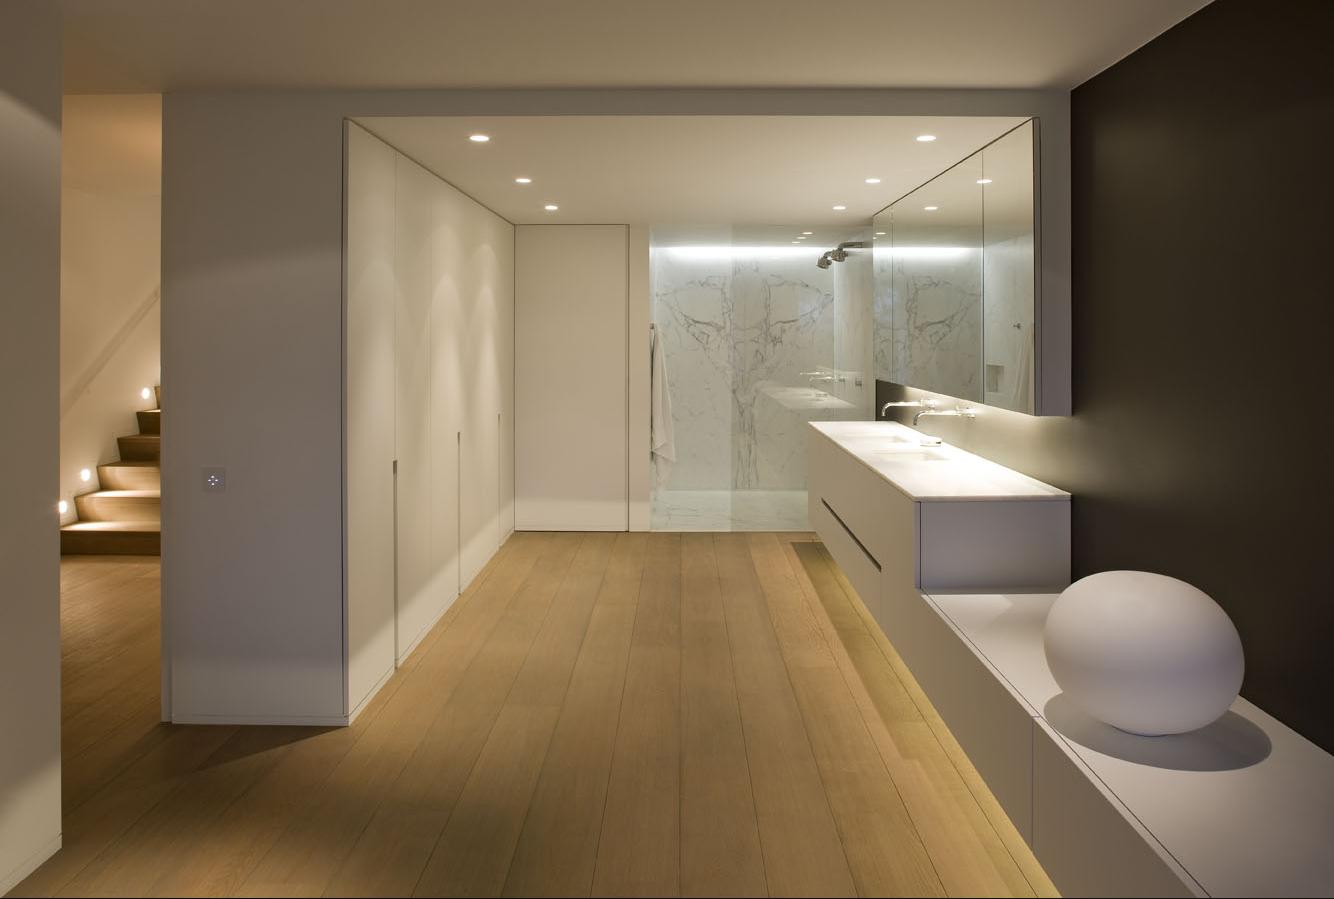 Design appartement inrichting met zicht op zee interieur door inside - Kamer parket ...